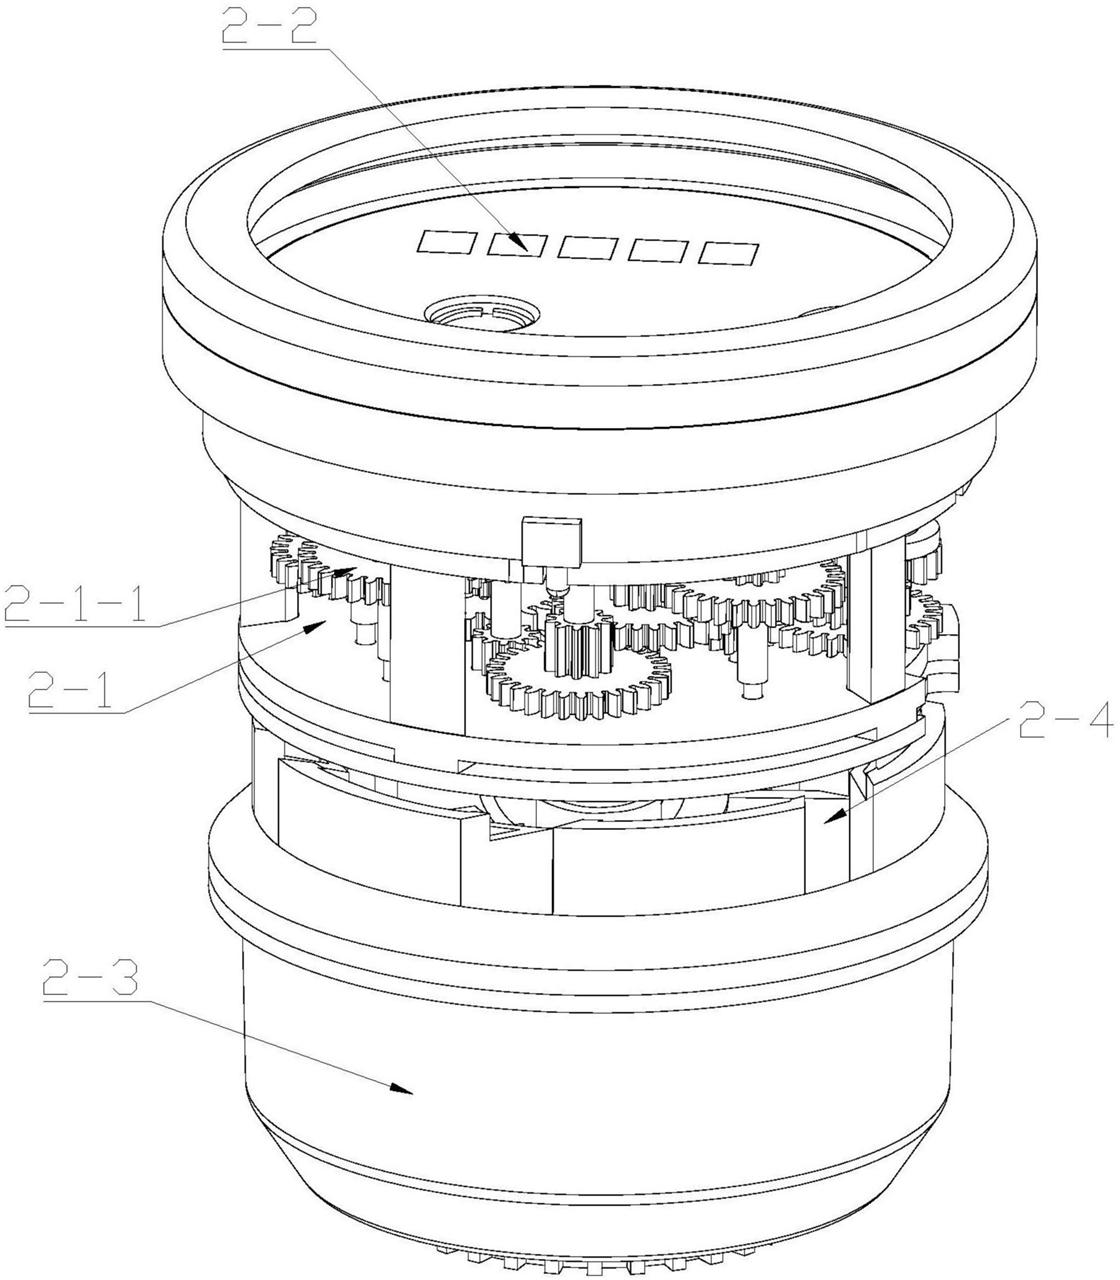 【仪表新专利】一种无源机械式预付费定量售水水表